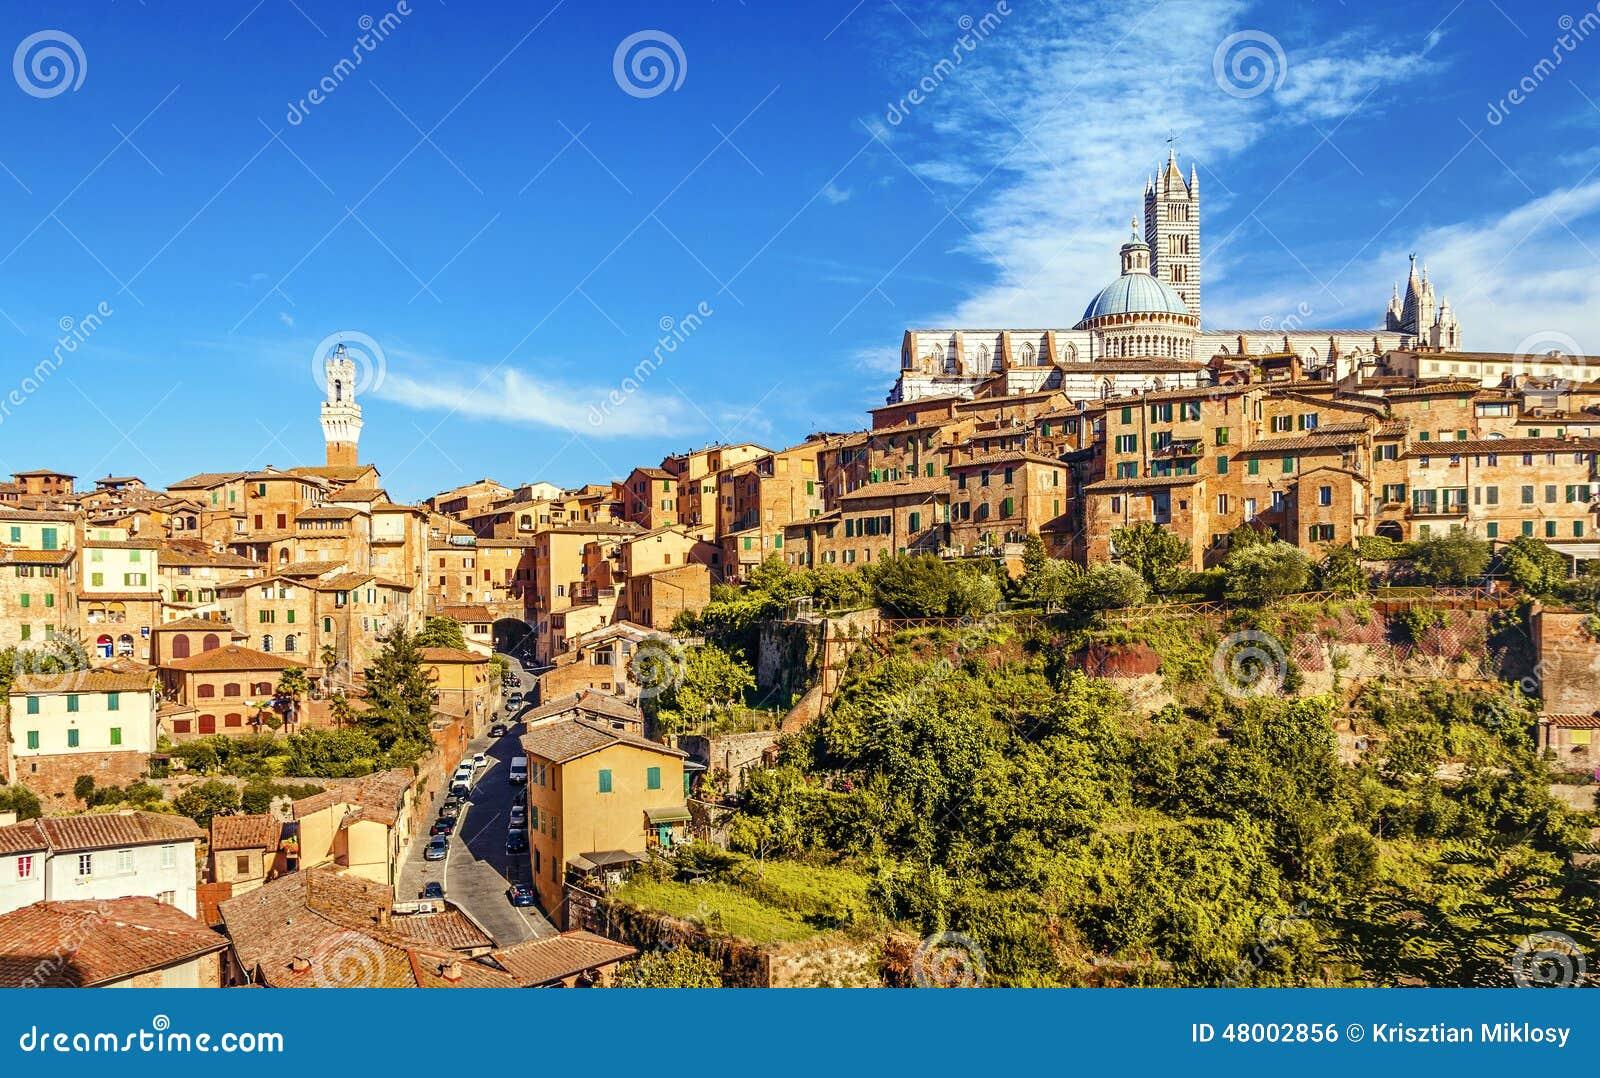 Italy Siena Tuscany